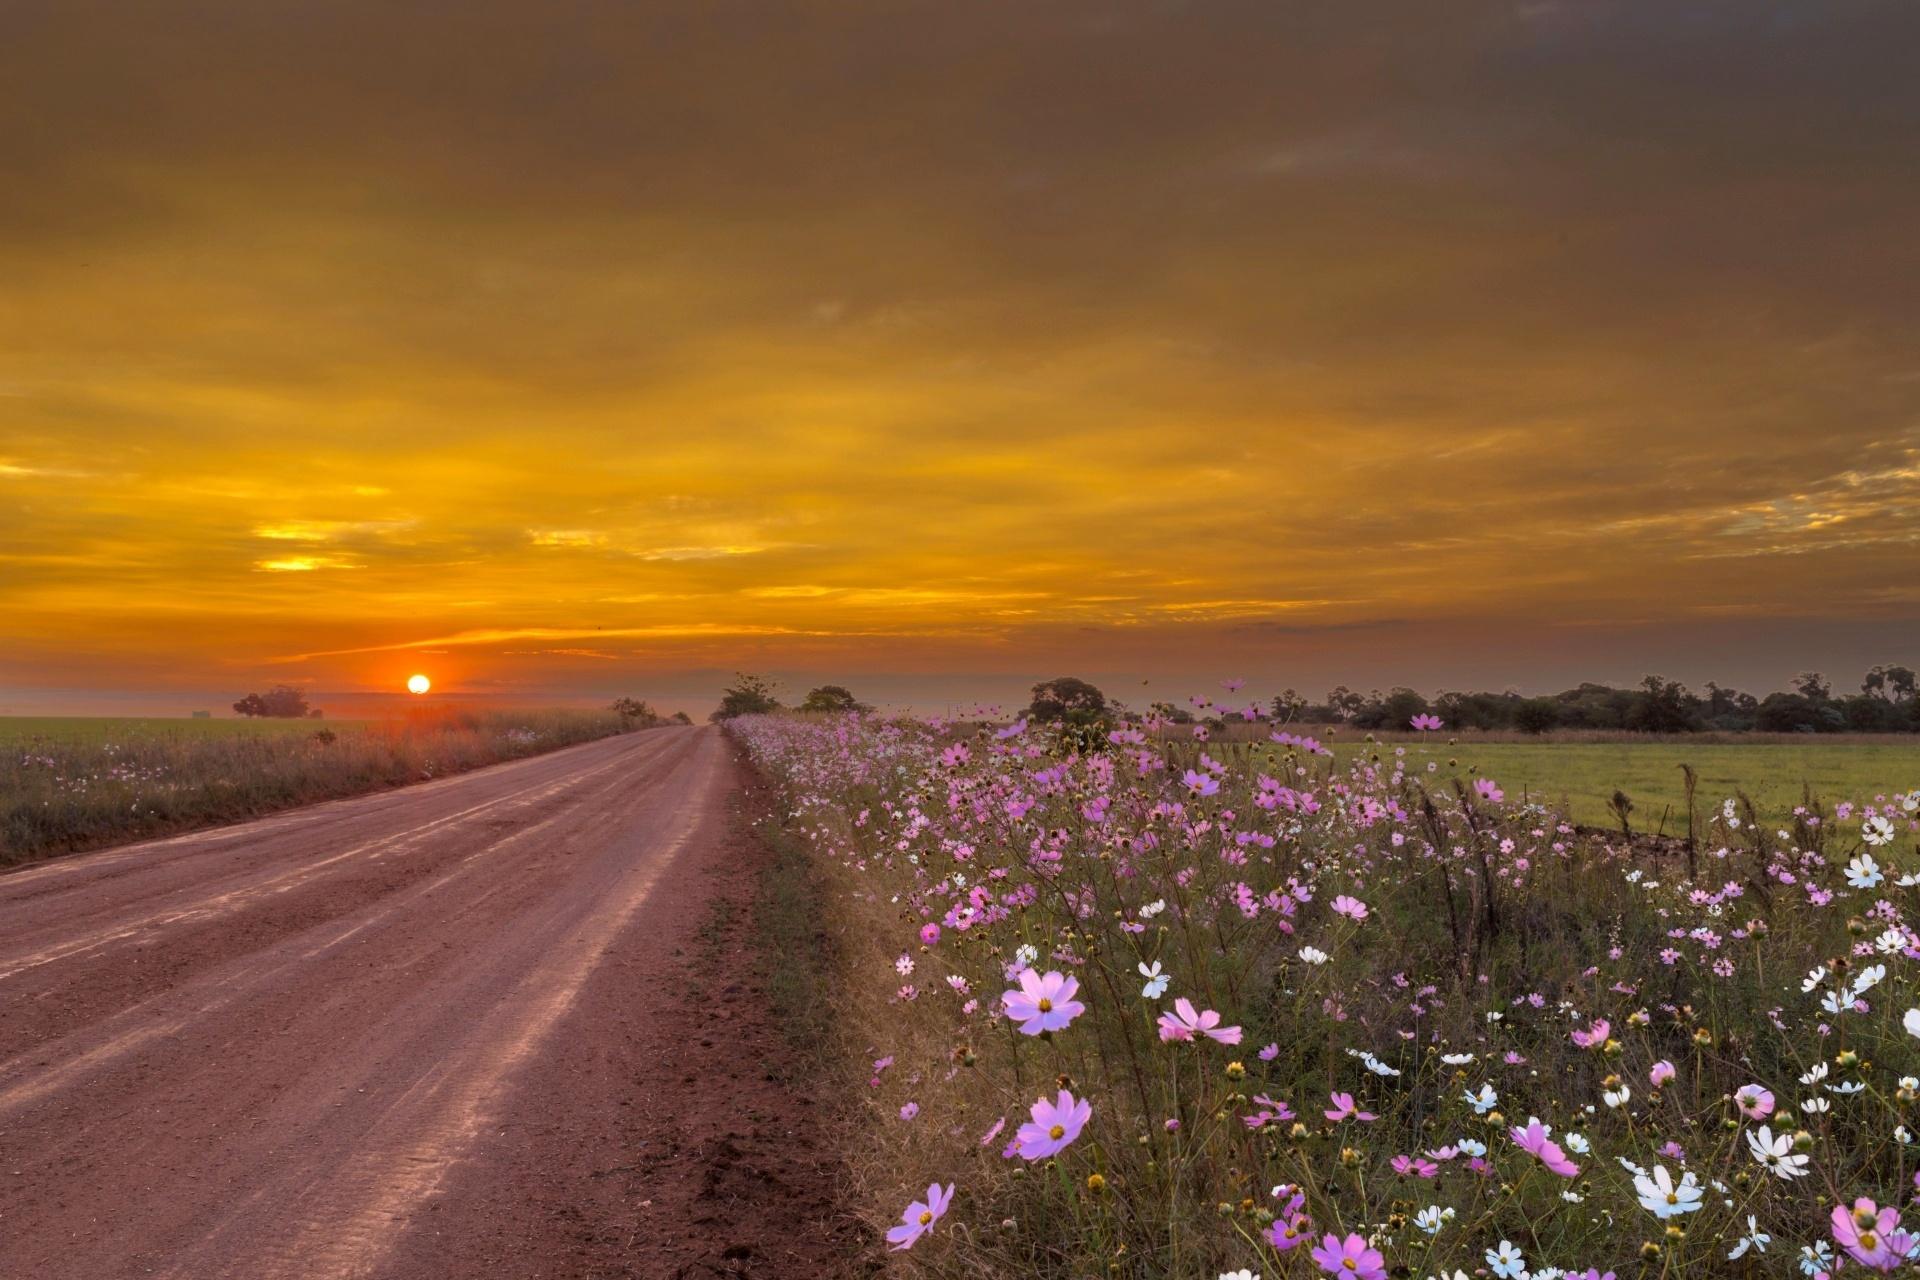 夕暮れの風景 南アフリカの風景